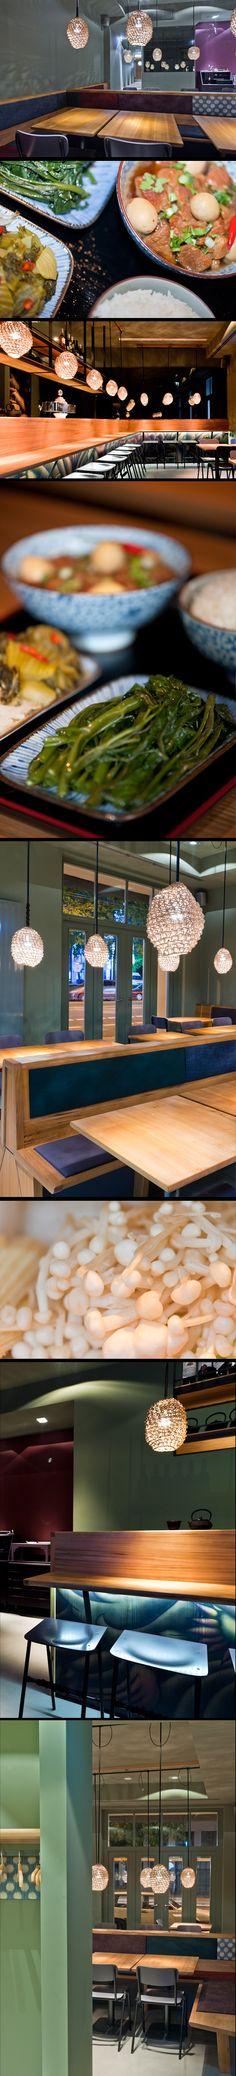 The Acai Café in Munich Architektur, Design und München